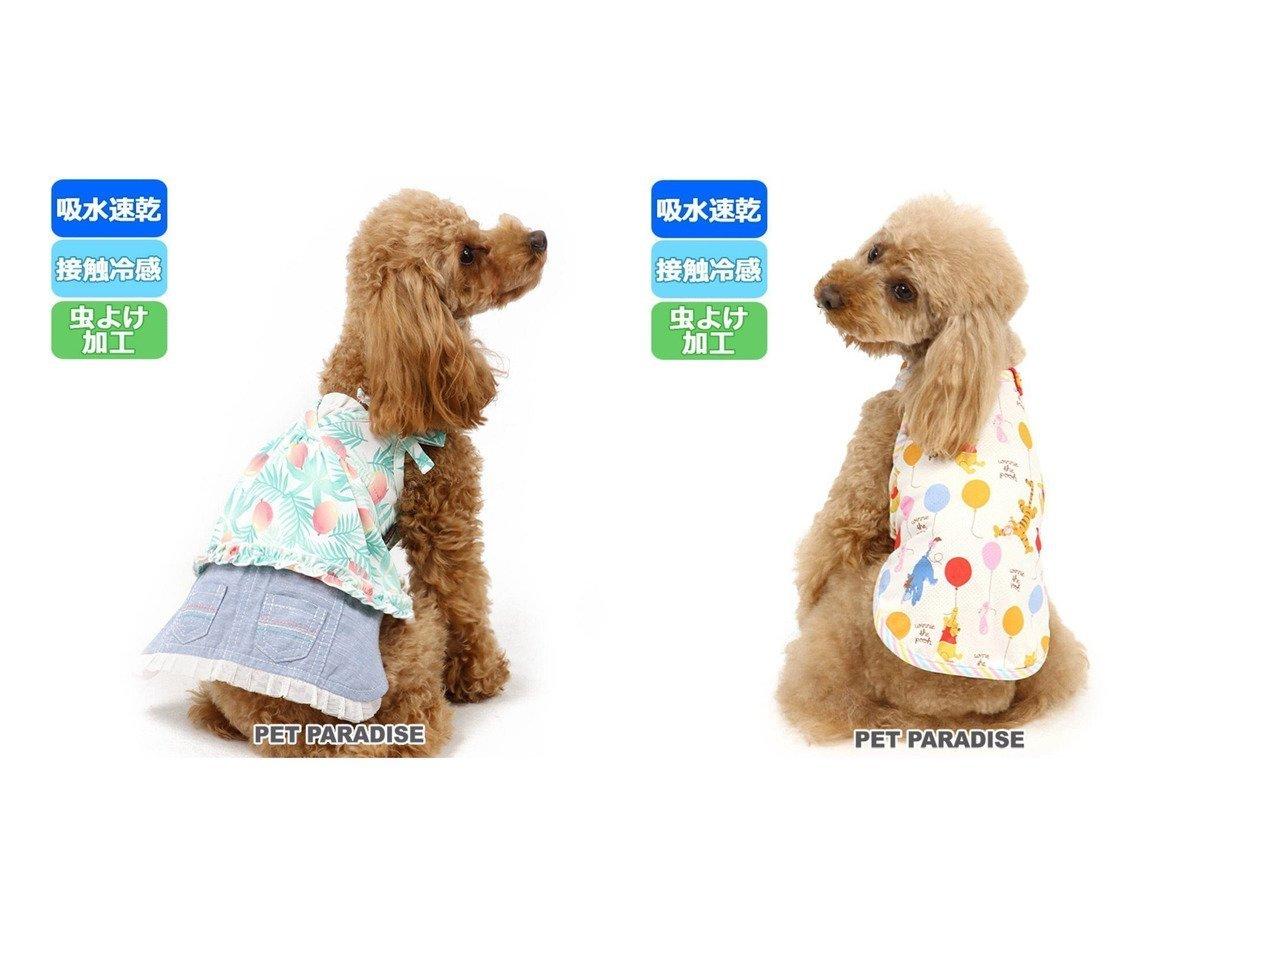 【PET PARADISE/ペットパラダイス】のペットパラダイス クールマックス スカートつなぎ マンゴー 〔小型犬〕 接&ディズニー くまのプーさん クールマックス 風船 タンクトップ〔小型犬〕 おすすめ!人気、ペットグッズの通販 おすすめで人気の流行・トレンド、ファッションの通販商品 メンズファッション・キッズファッション・インテリア・家具・レディースファッション・服の通販 founy(ファニー) https://founy.com/ クール 吸水 犬 Dog ホームグッズ Home/Garden ペットグッズ Pet Supplies  ID:crp329100000032800